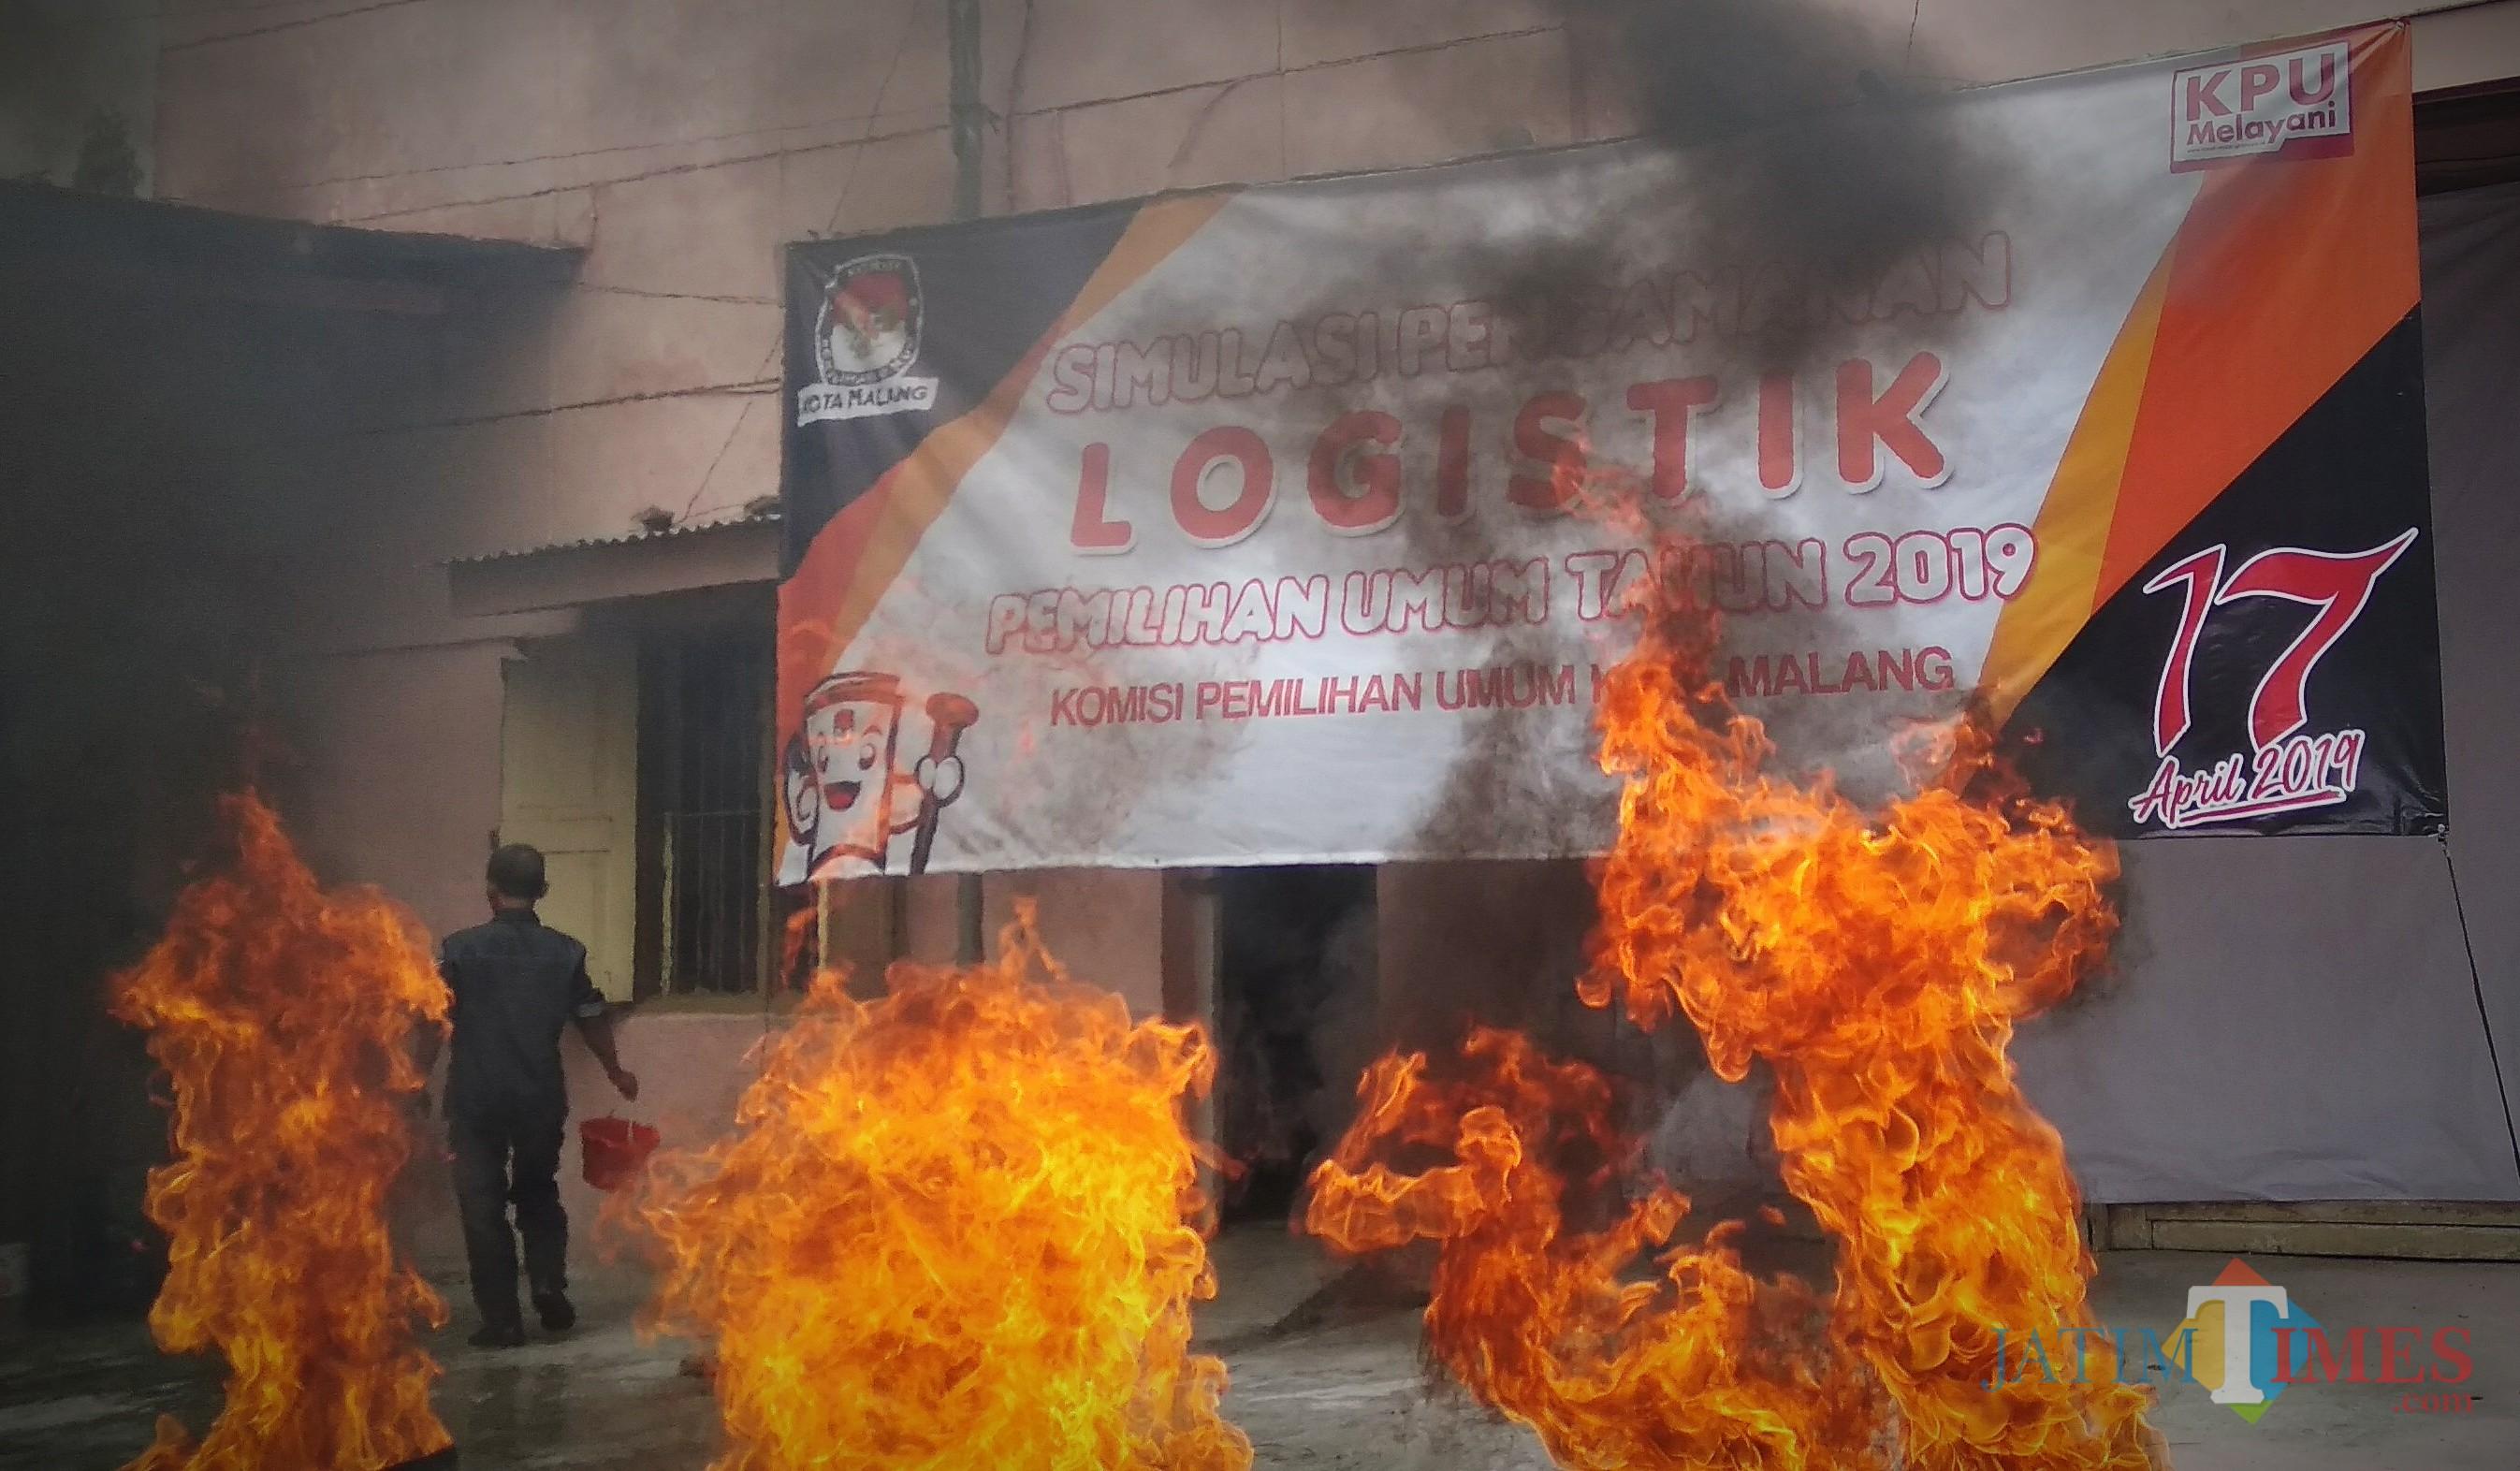 Situasi saat simulasi pengamanan logistik Pemilu 2019 yang digelar KPU Kota Malang. (Foto: Nurlayla Ratri/MalangTIMES)